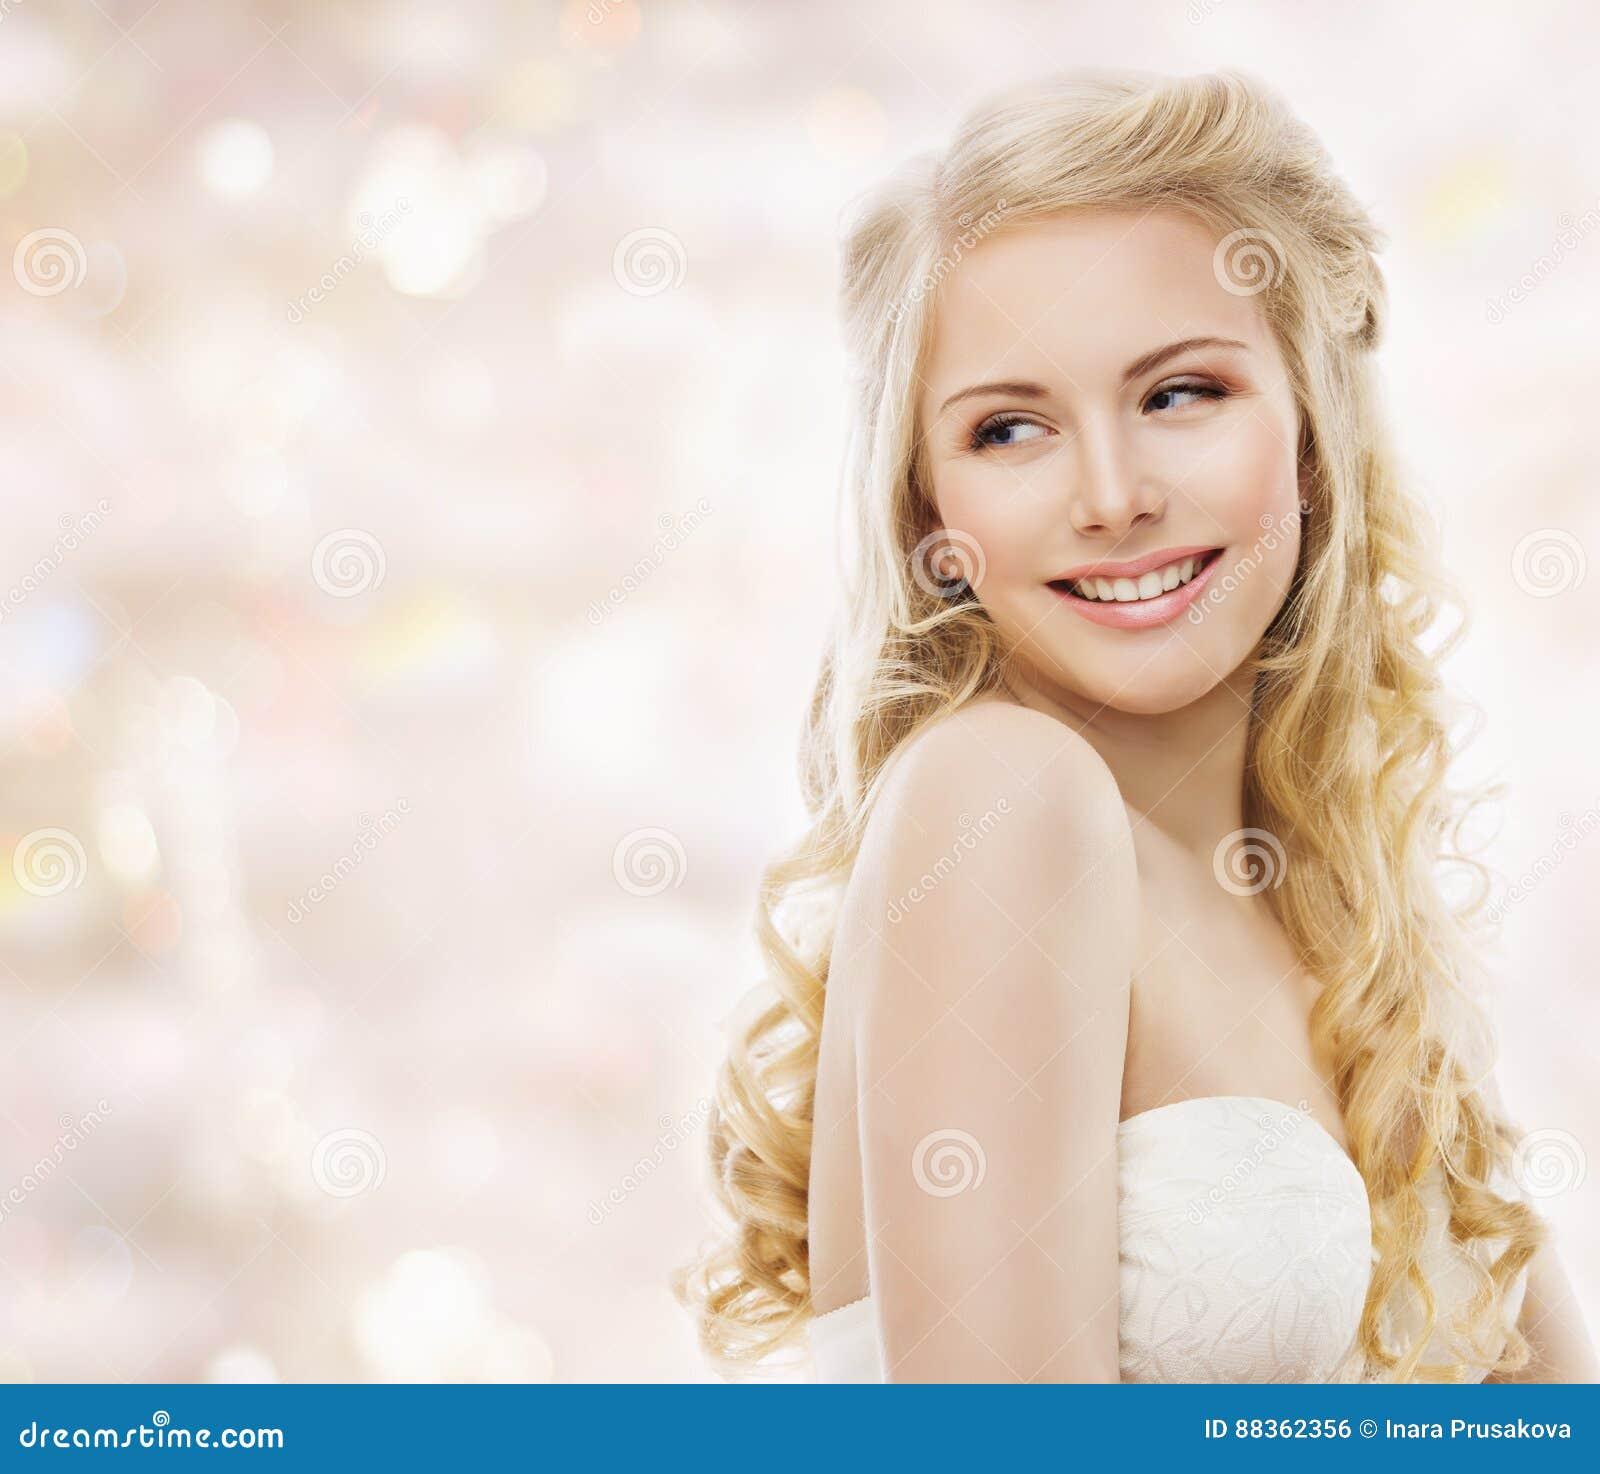 Modelo de moda Long Blond Hair, retrato de la belleza de la mujer, muchacha feliz